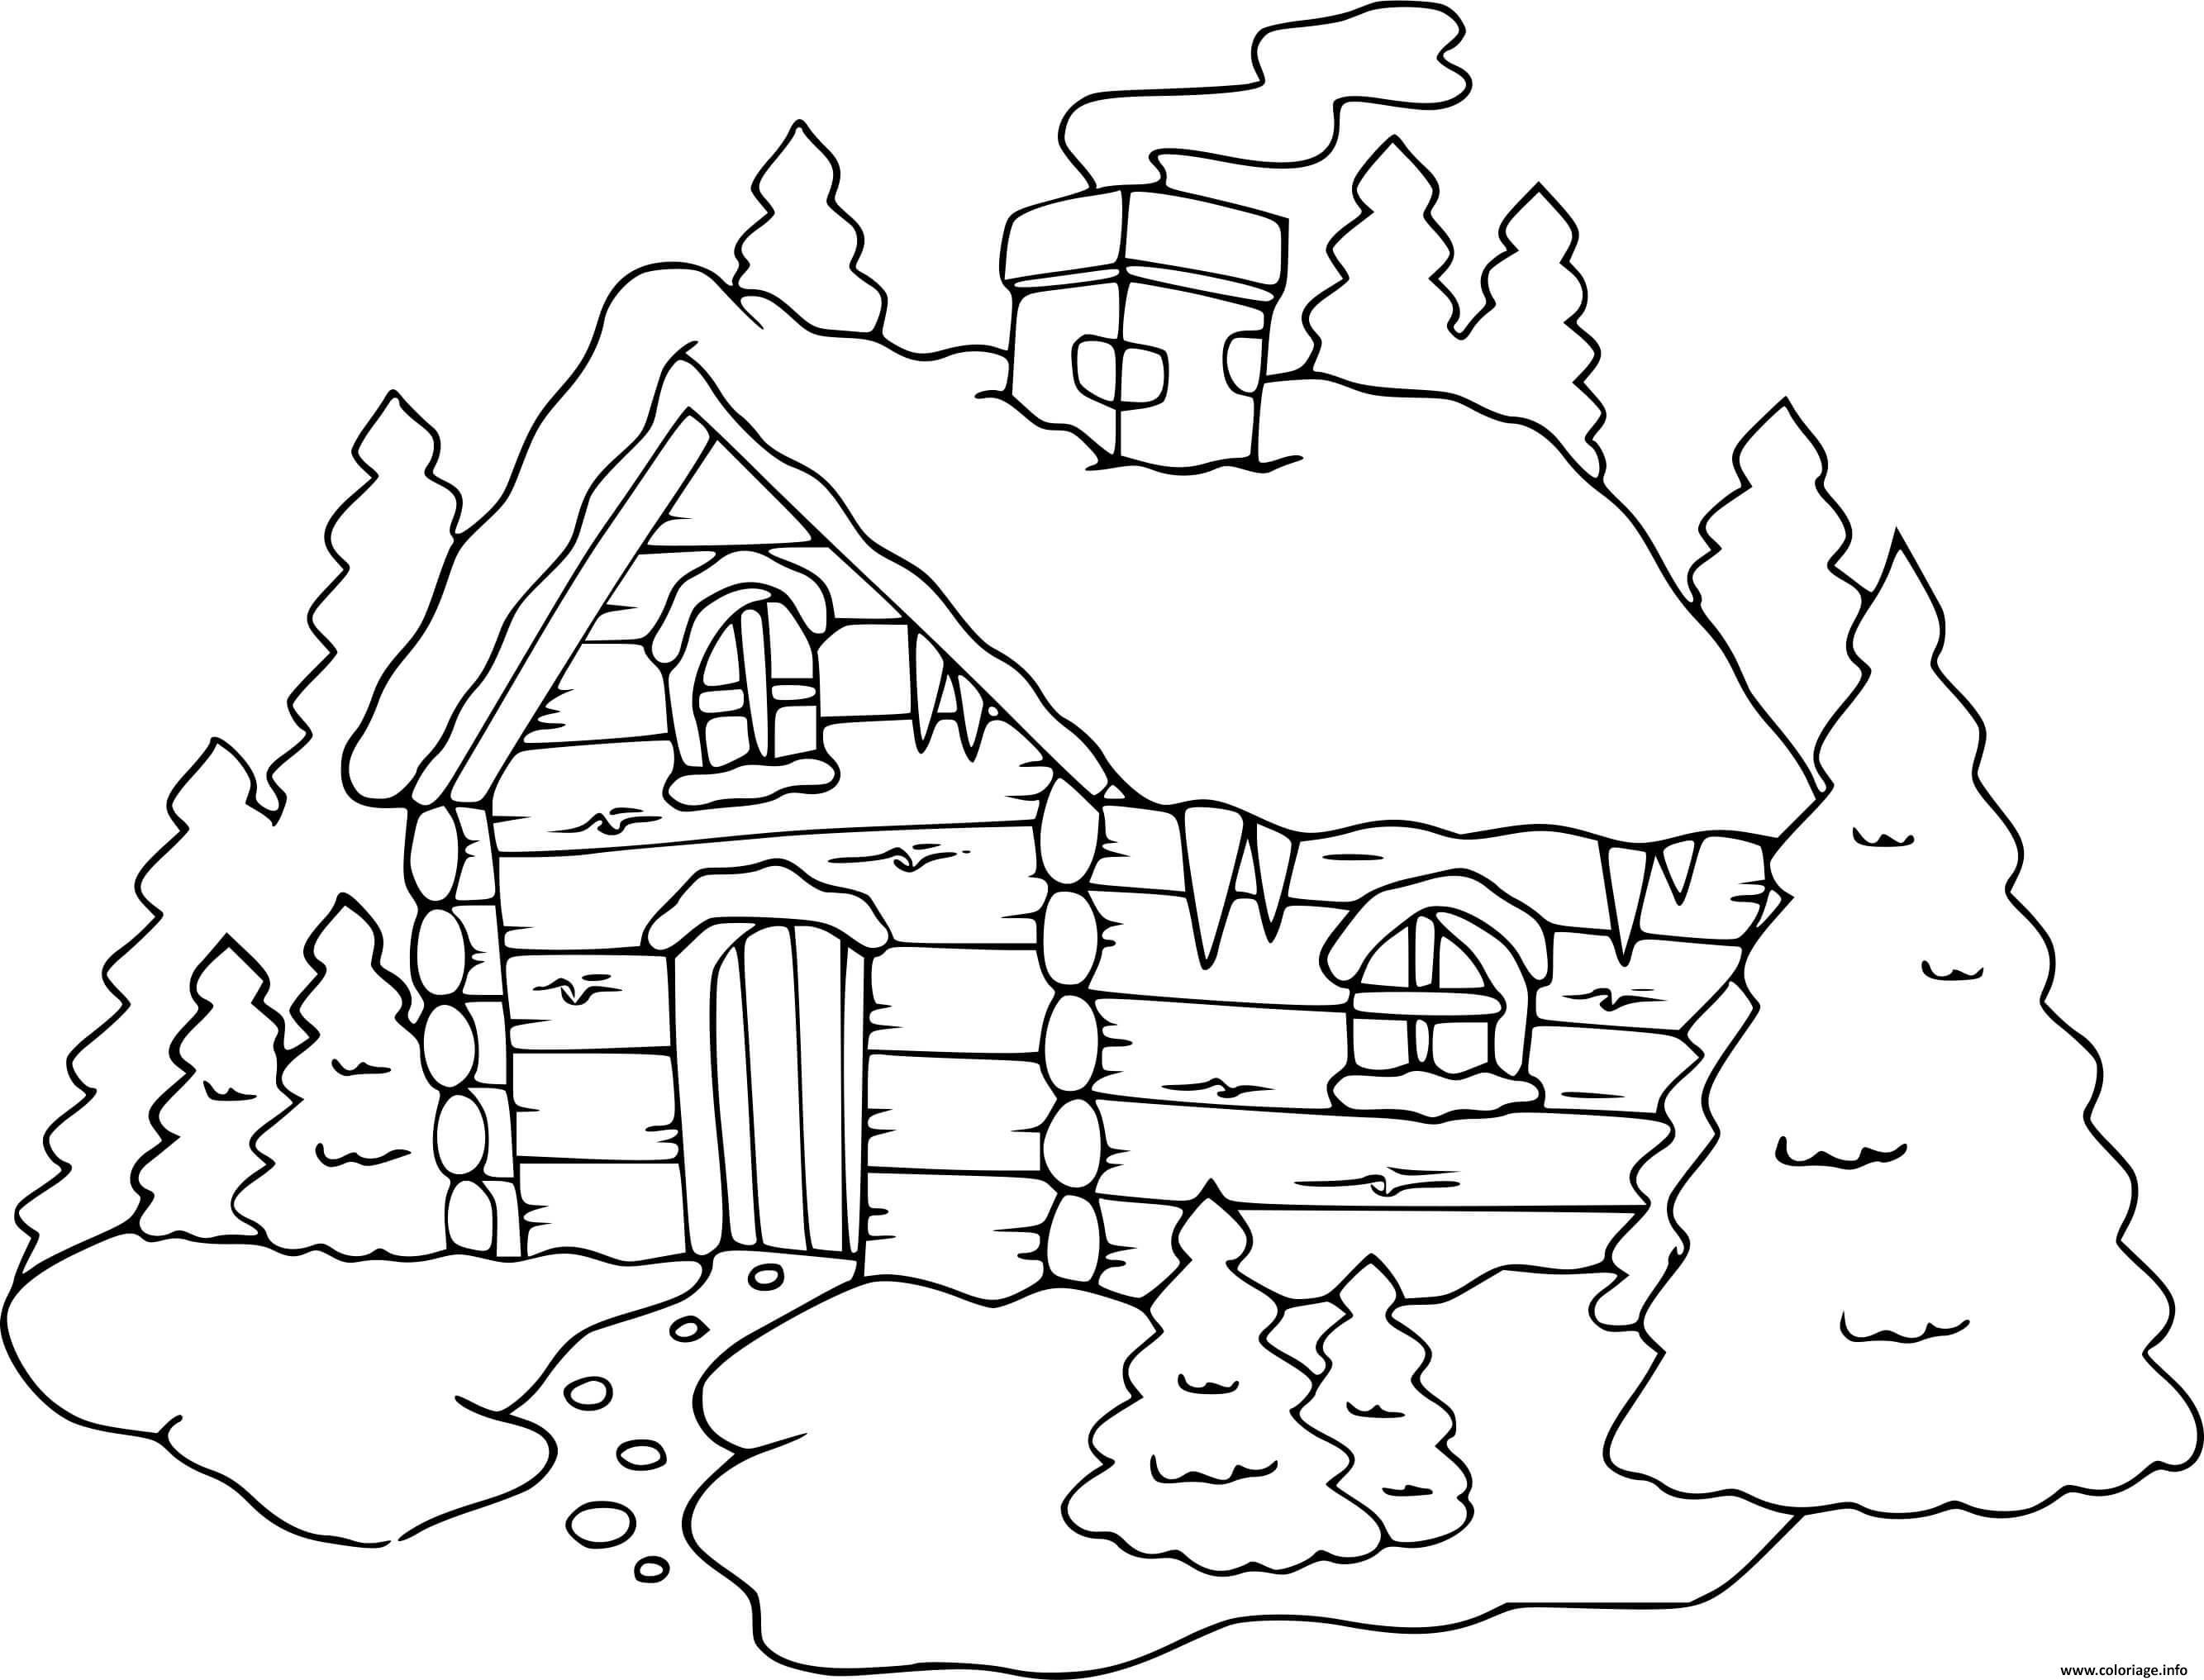 Dessin chalet hiver maison hivernage Coloriage Gratuit à Imprimer